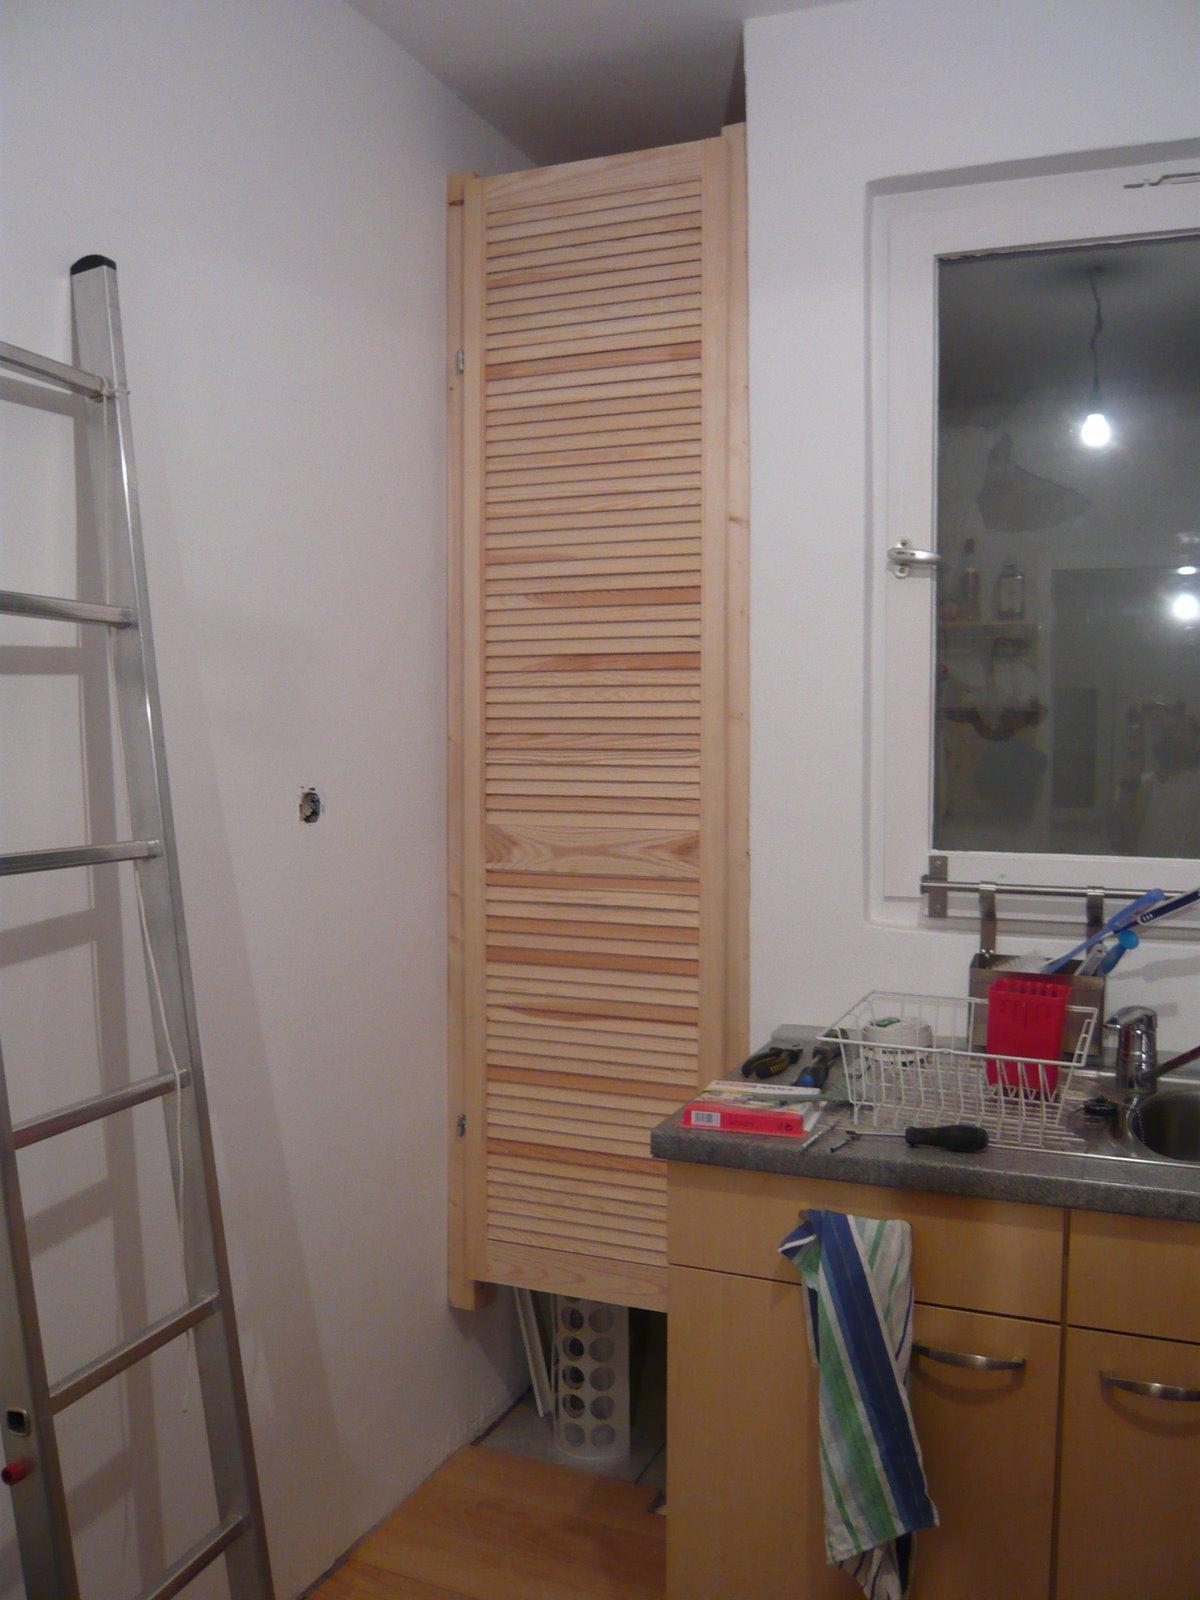 Gastherme Verkleiden Badezimmer | Stadtvilla Fenster Und Innenausbau